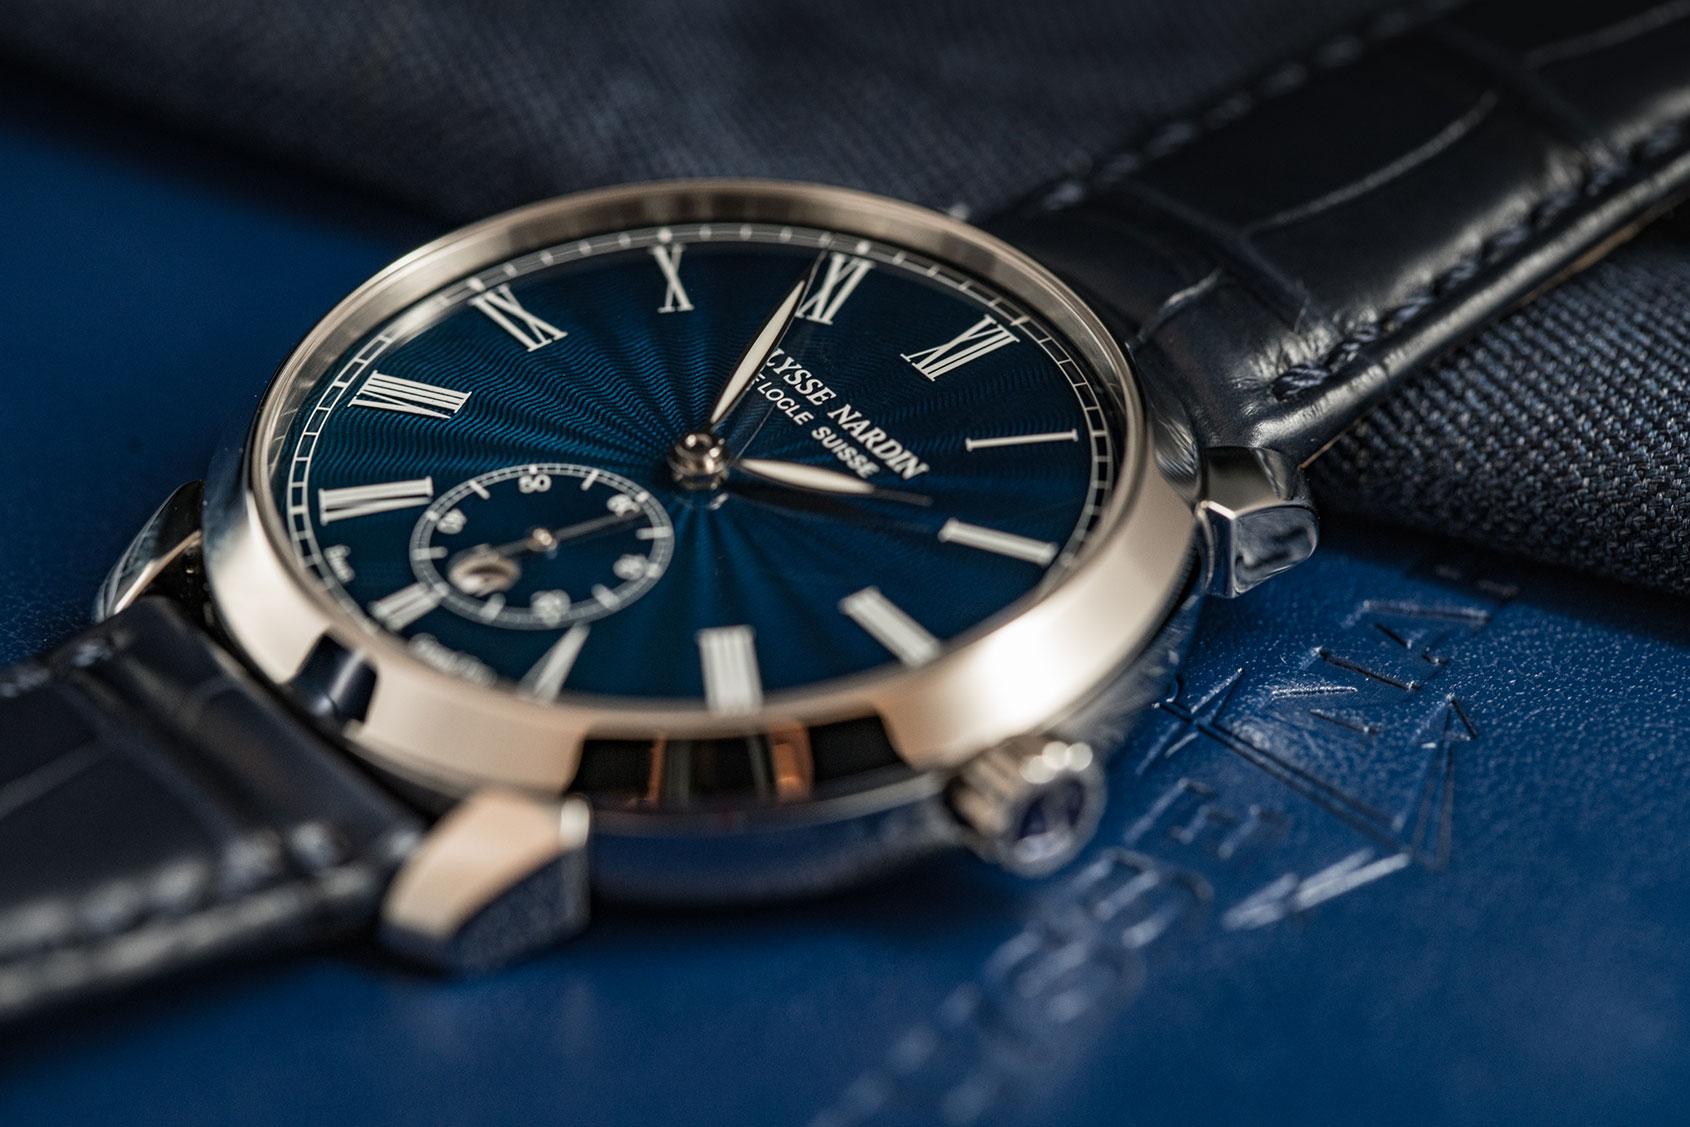 Ulysse-Nardin-Classico-Manufacture-Grand-Feu-3